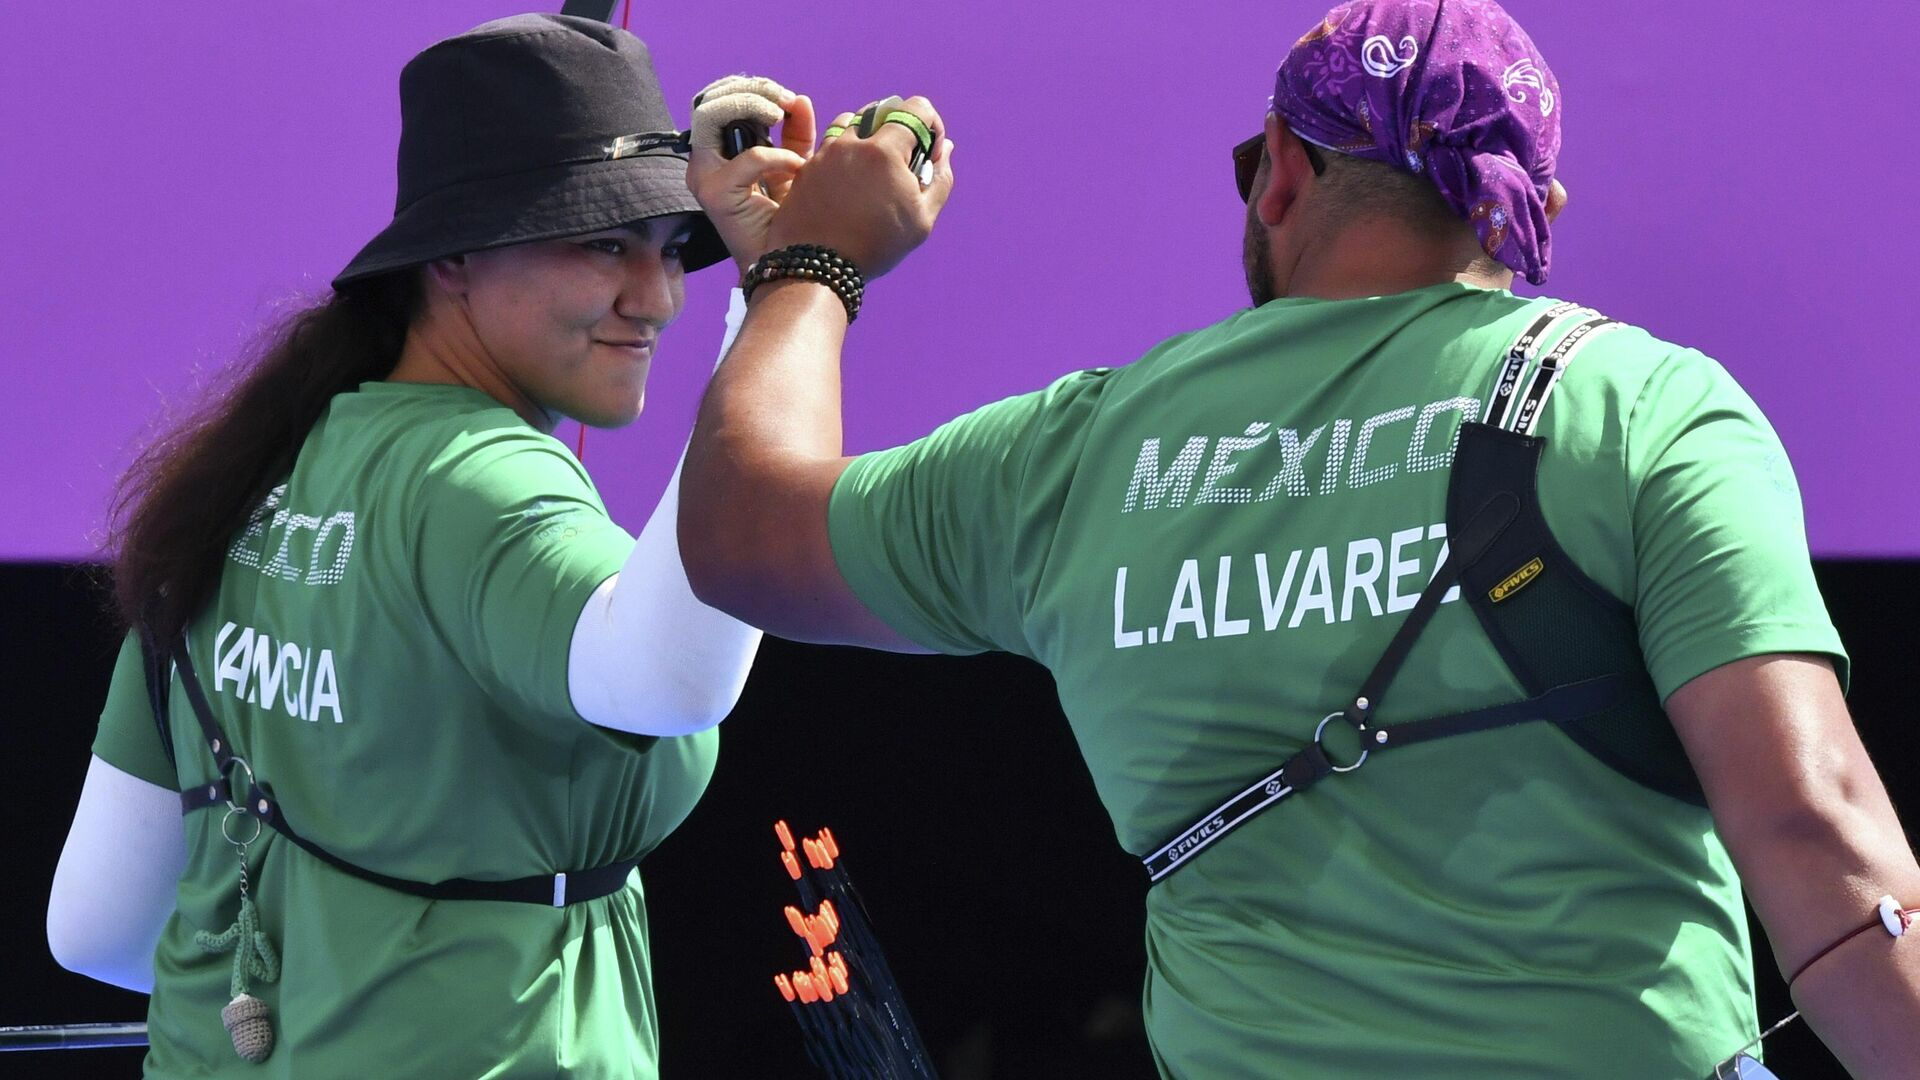 Los medallistas de bronce mexicanos en la prueba de tiro con arco mixto, Alejandra Valencia y Luis Álvarez  - Sputnik Mundo, 1920, 24.07.2021